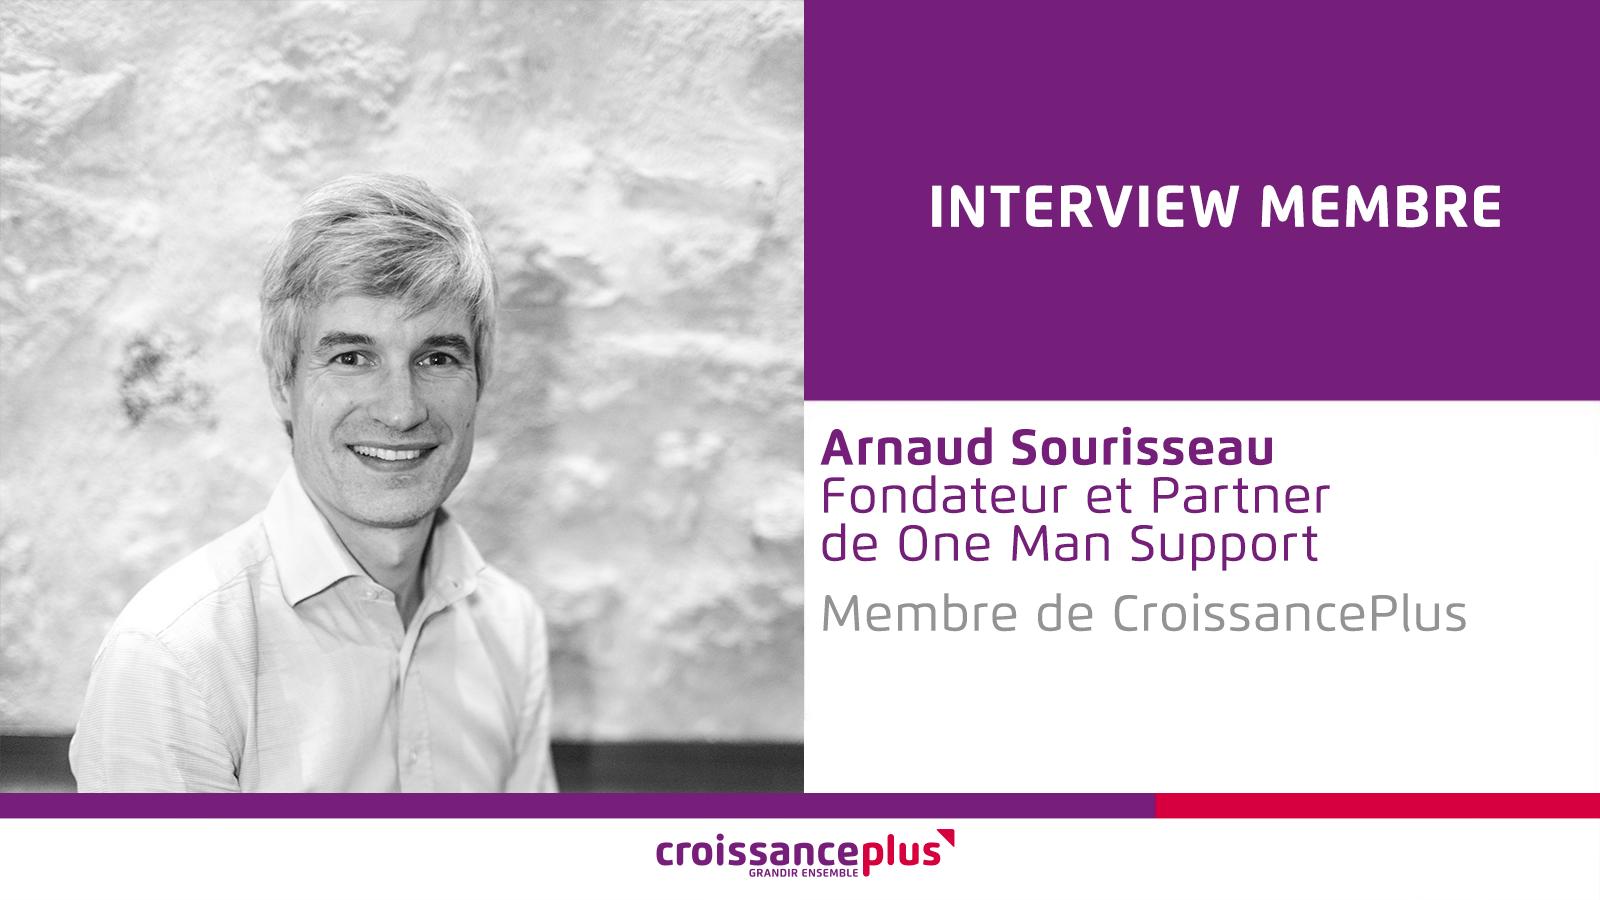 Découvrez Arnaud Sourisseau, Fondateur et Partner de One Man Support